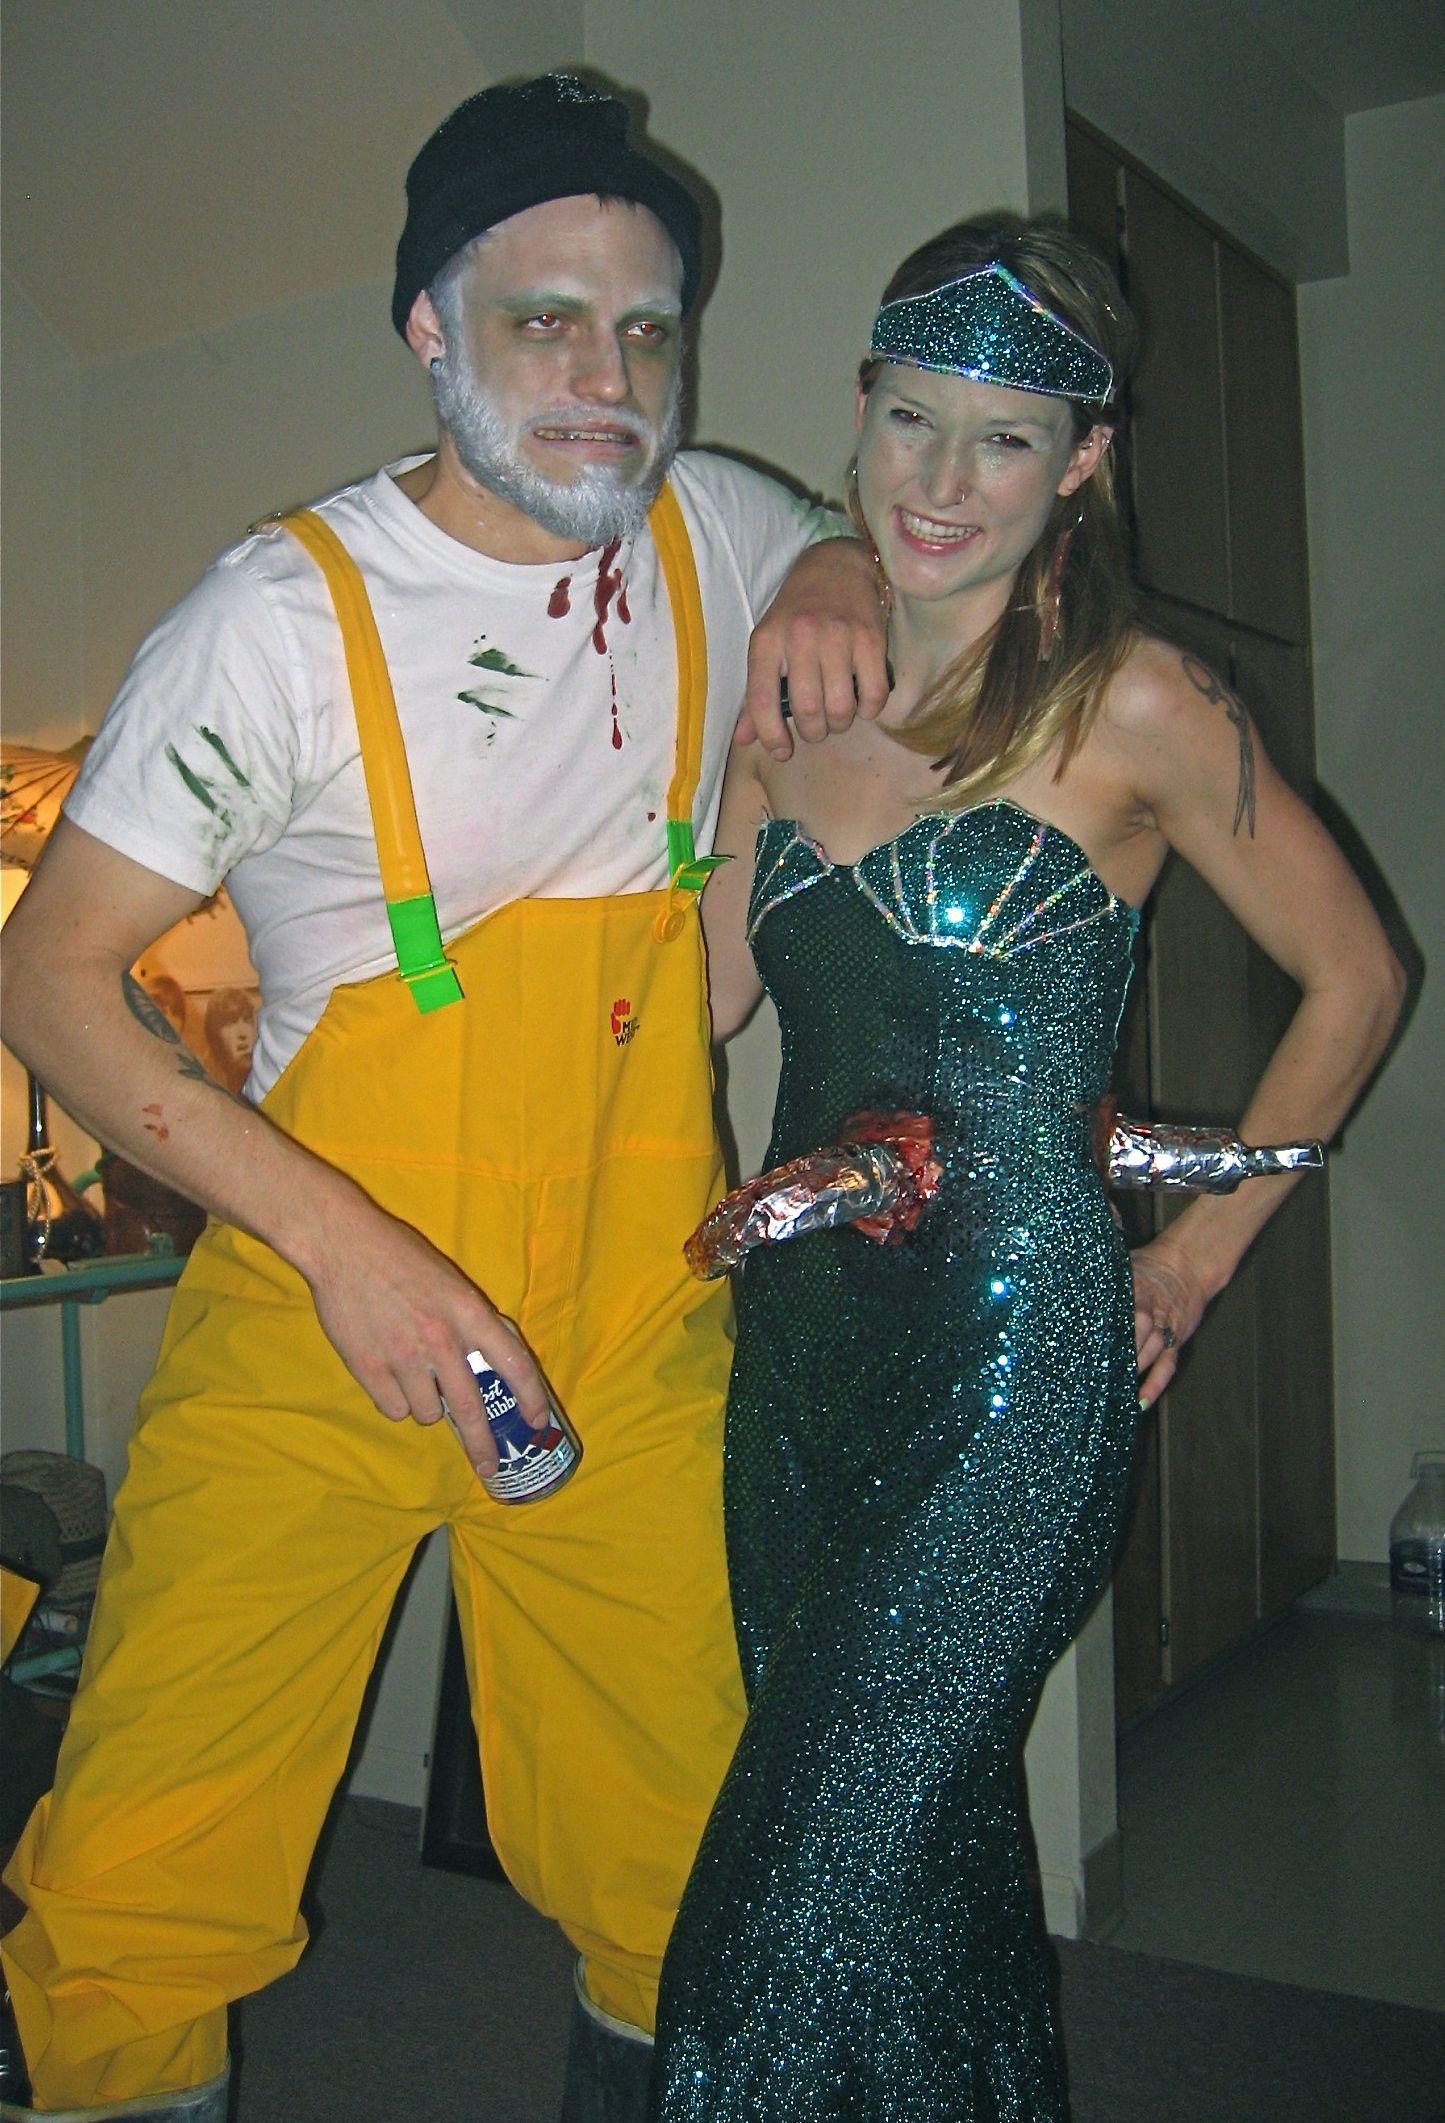 Halloween costume #mermaid#fisherman#couple#costume#homemade ...